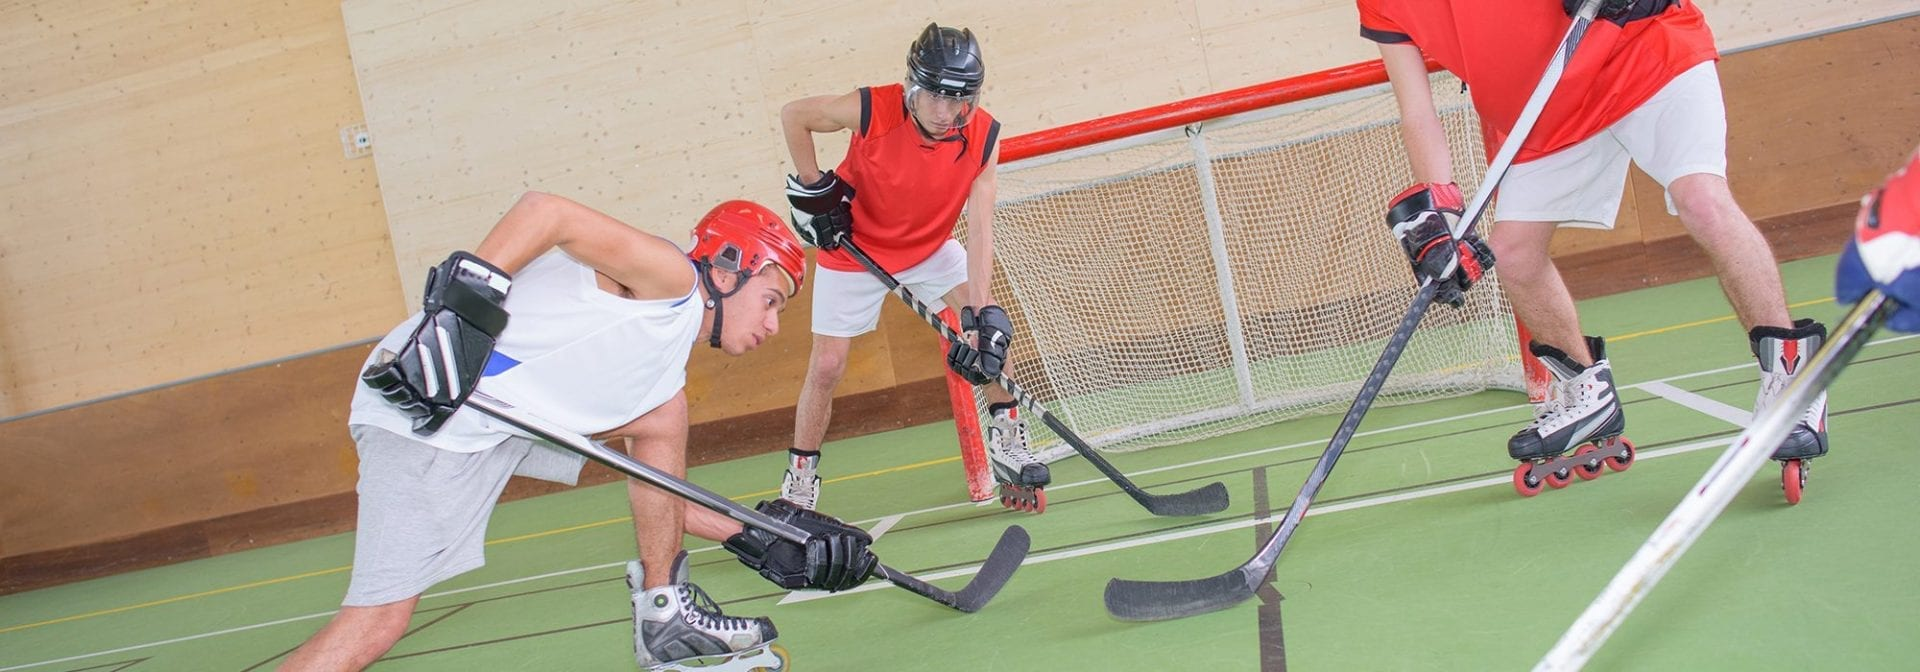 roller hockey e1552494993431